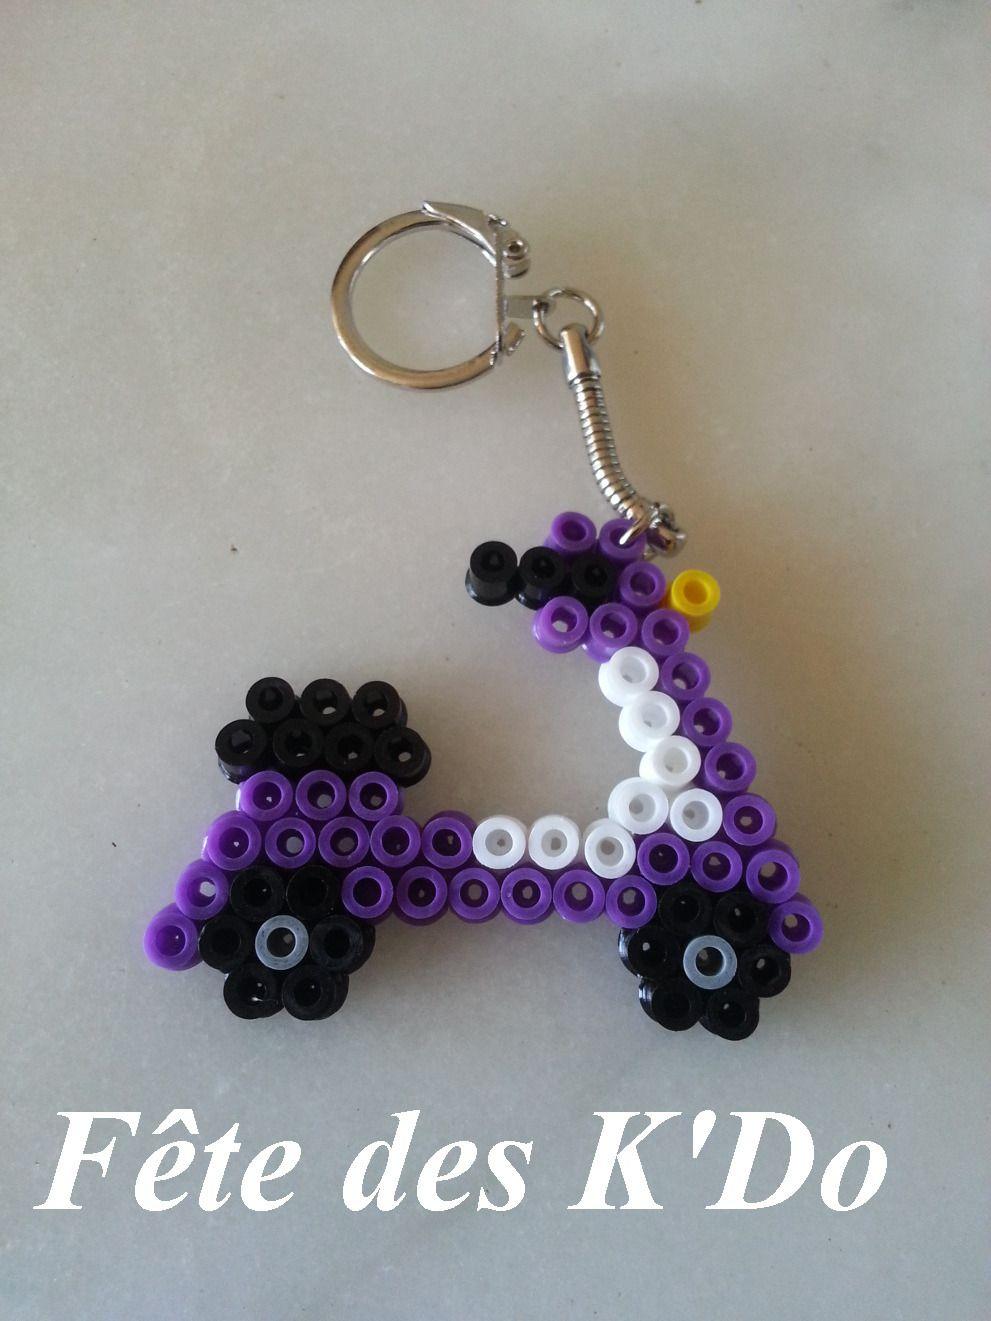 Porte cl s en forme de scooter violet en perles hama porte cl s par fetedeskdo divers fun - Porte cle perle ...